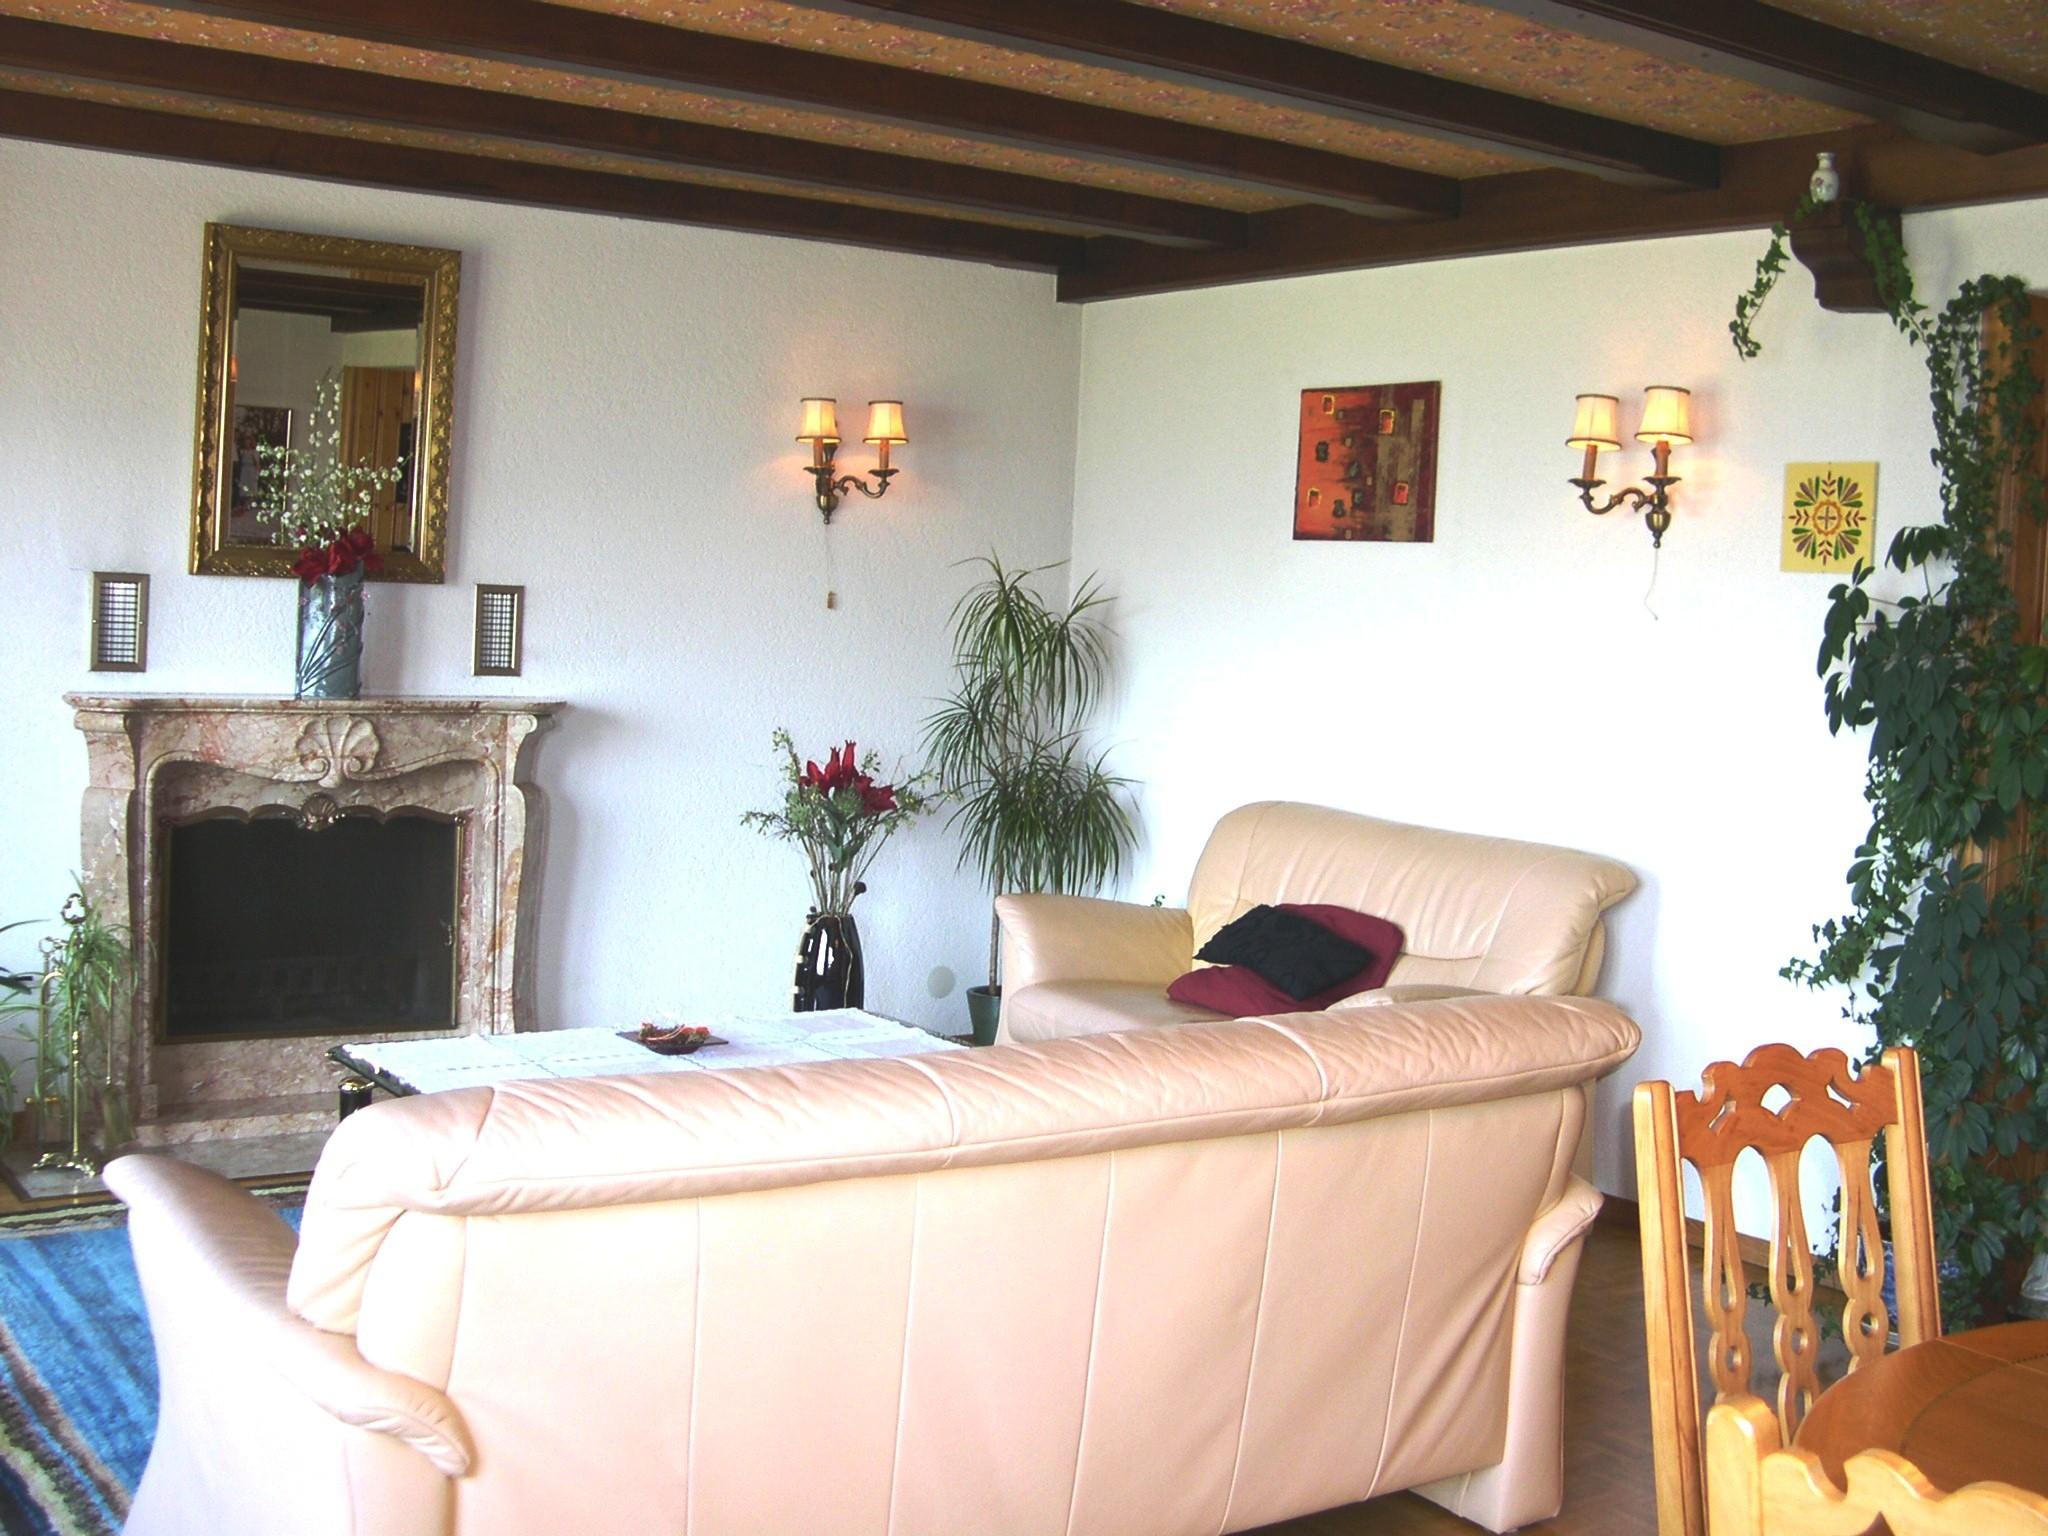 Detached House For Sale in Pont-en-Ogoz - 6 Photos